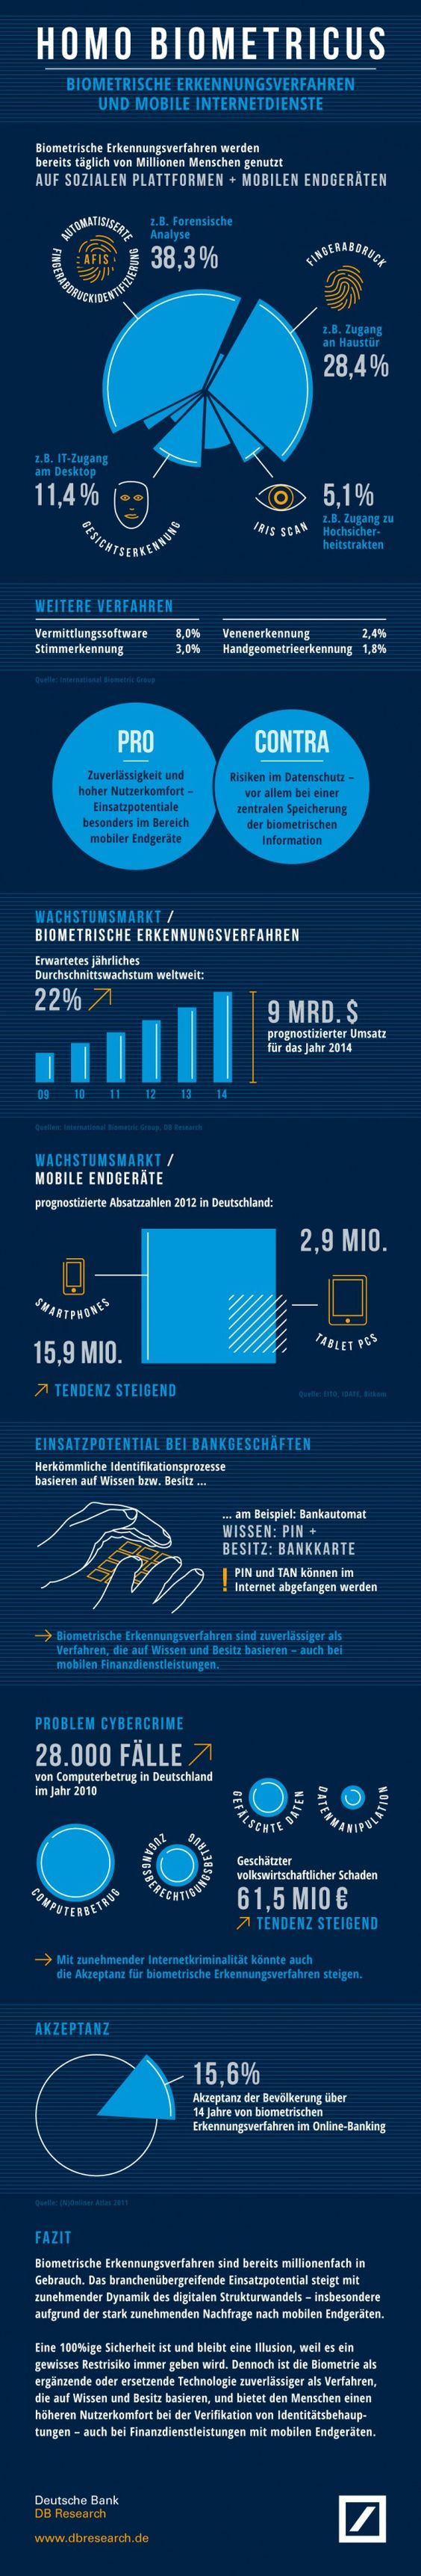 Biometrie und mobile Internetdienste – Infografik » Der Bank-Blog